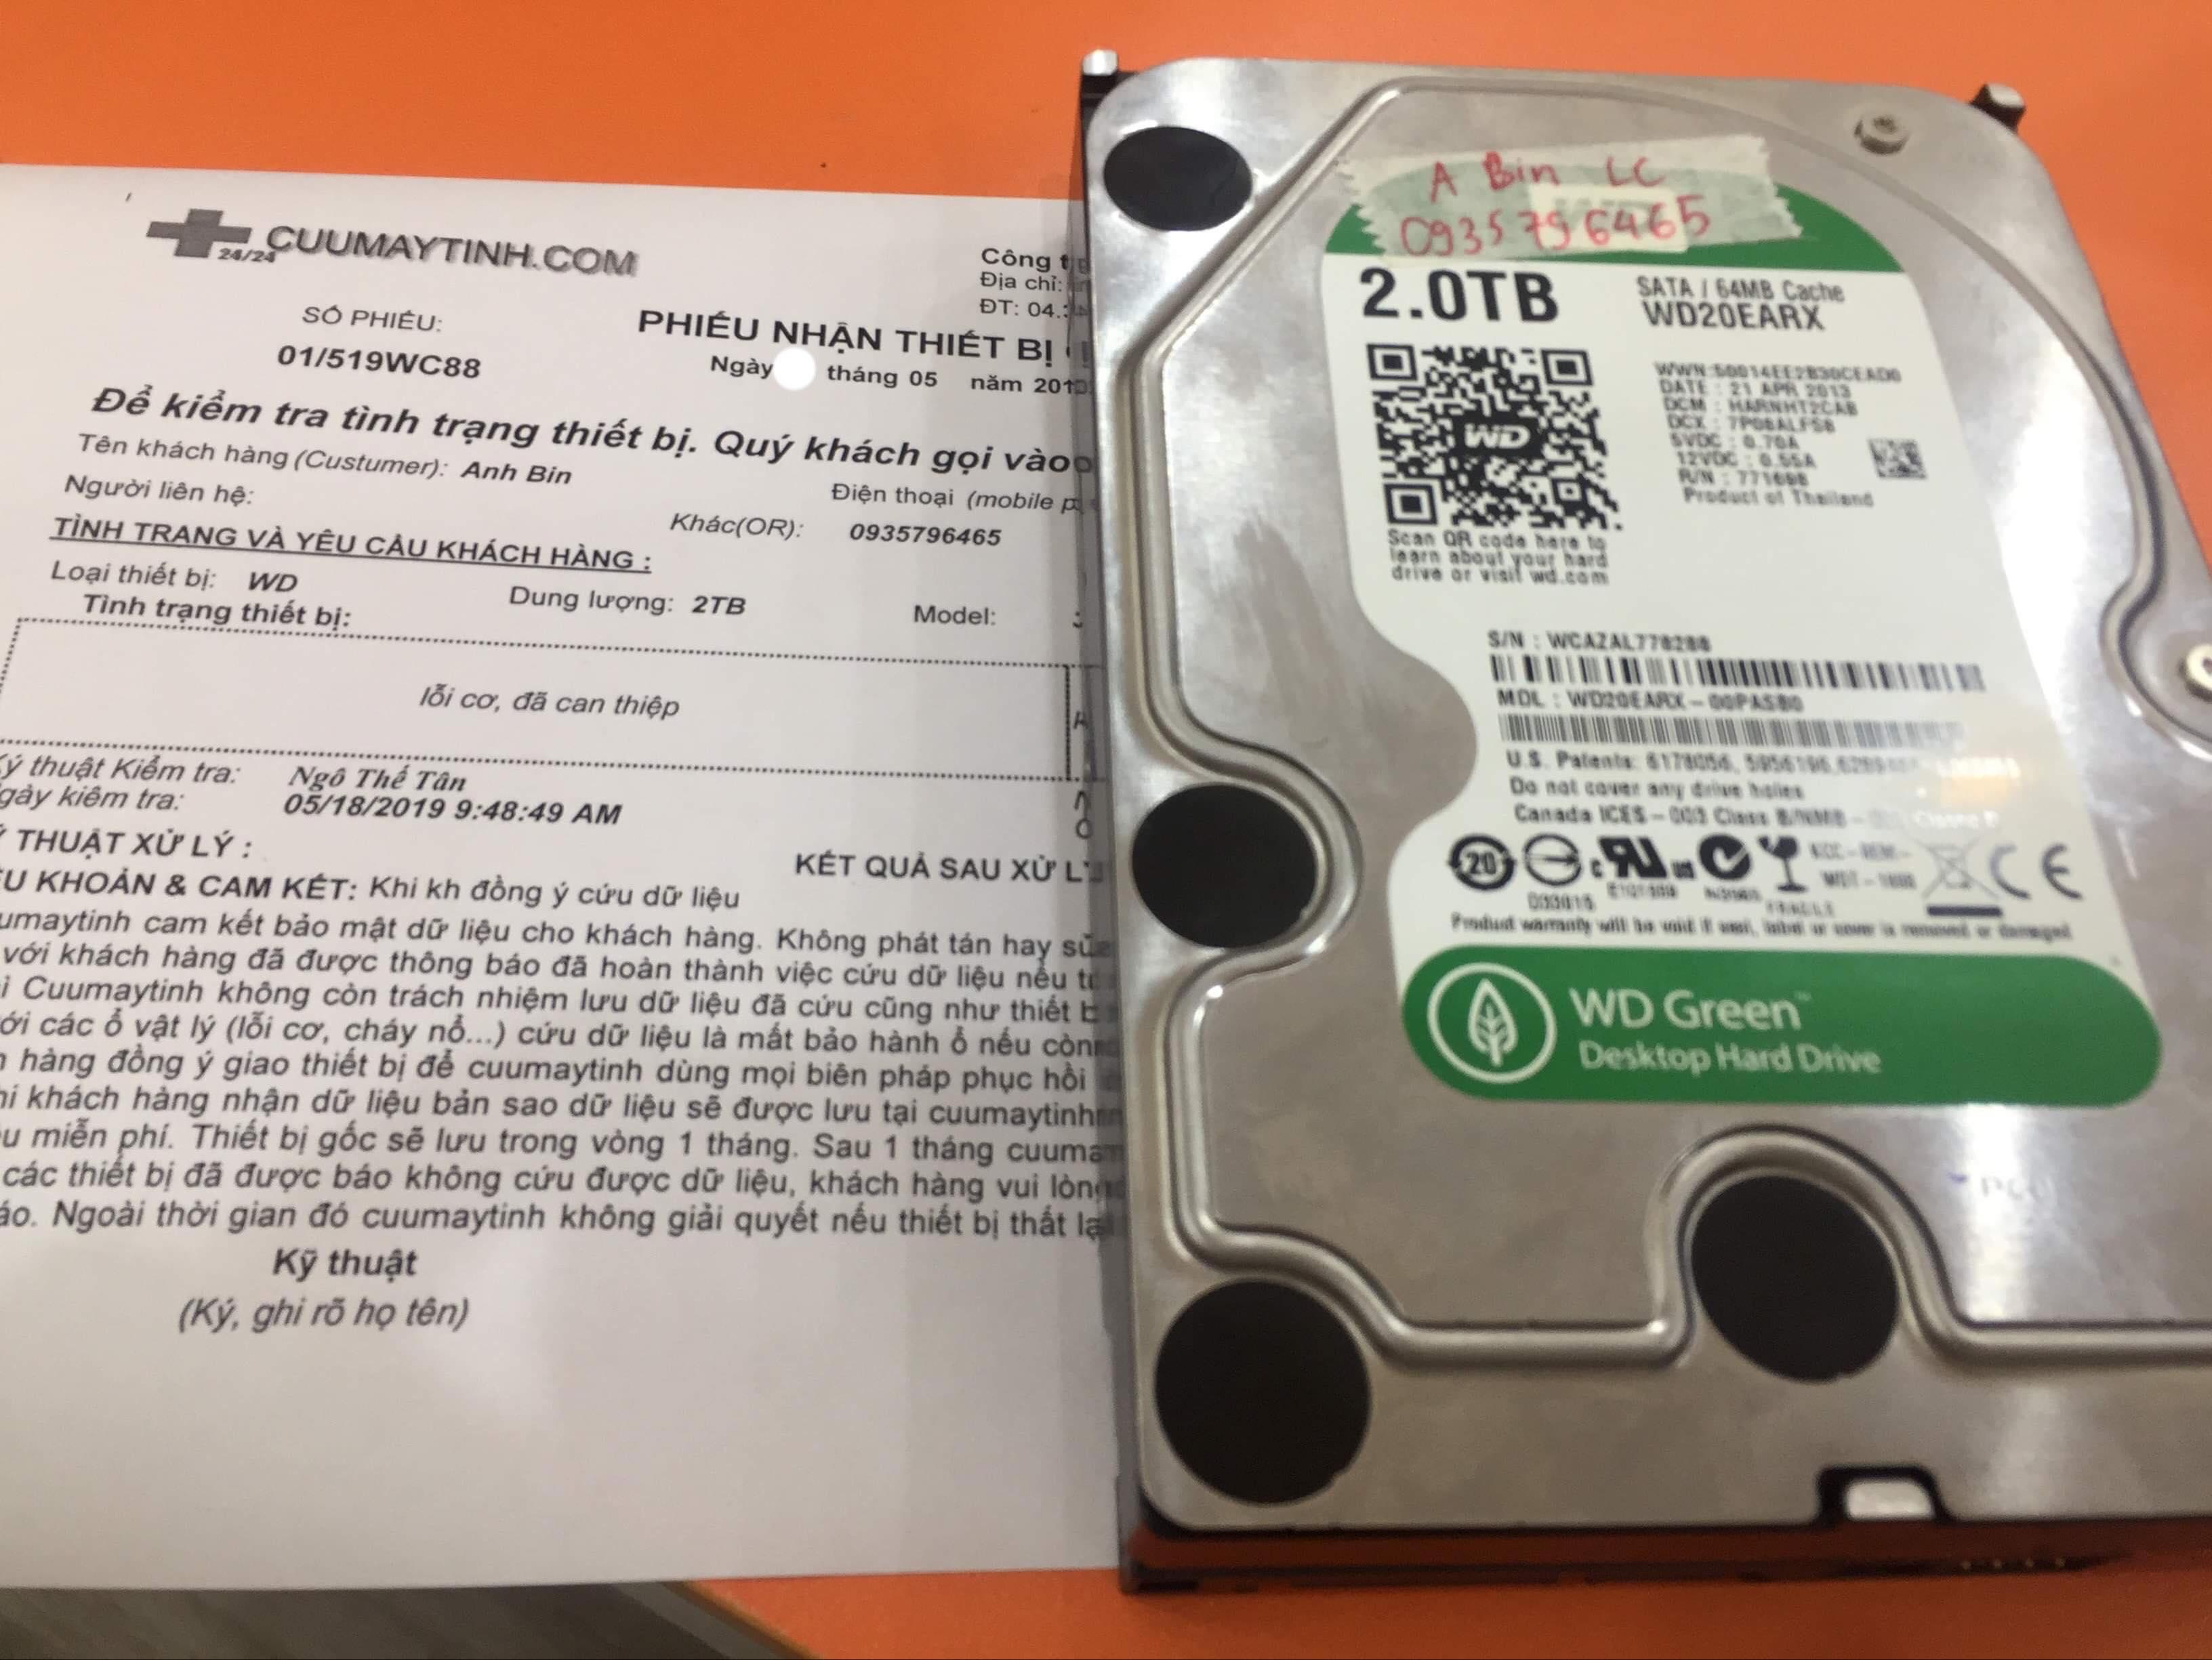 Khôi phục dữ liệu ổ cứng Western 2TB lỗi cơ tại Huế 23/05/2019 - cuumaytinh